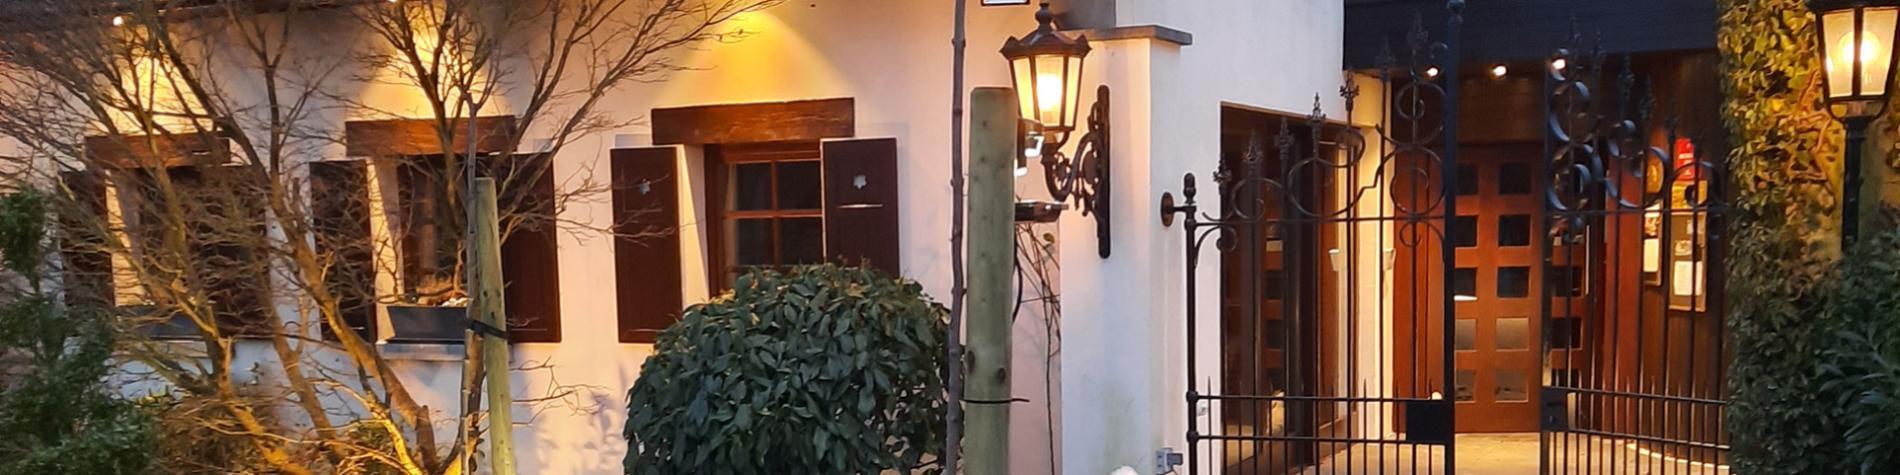 Hostellerie - Gilain - Sorrines